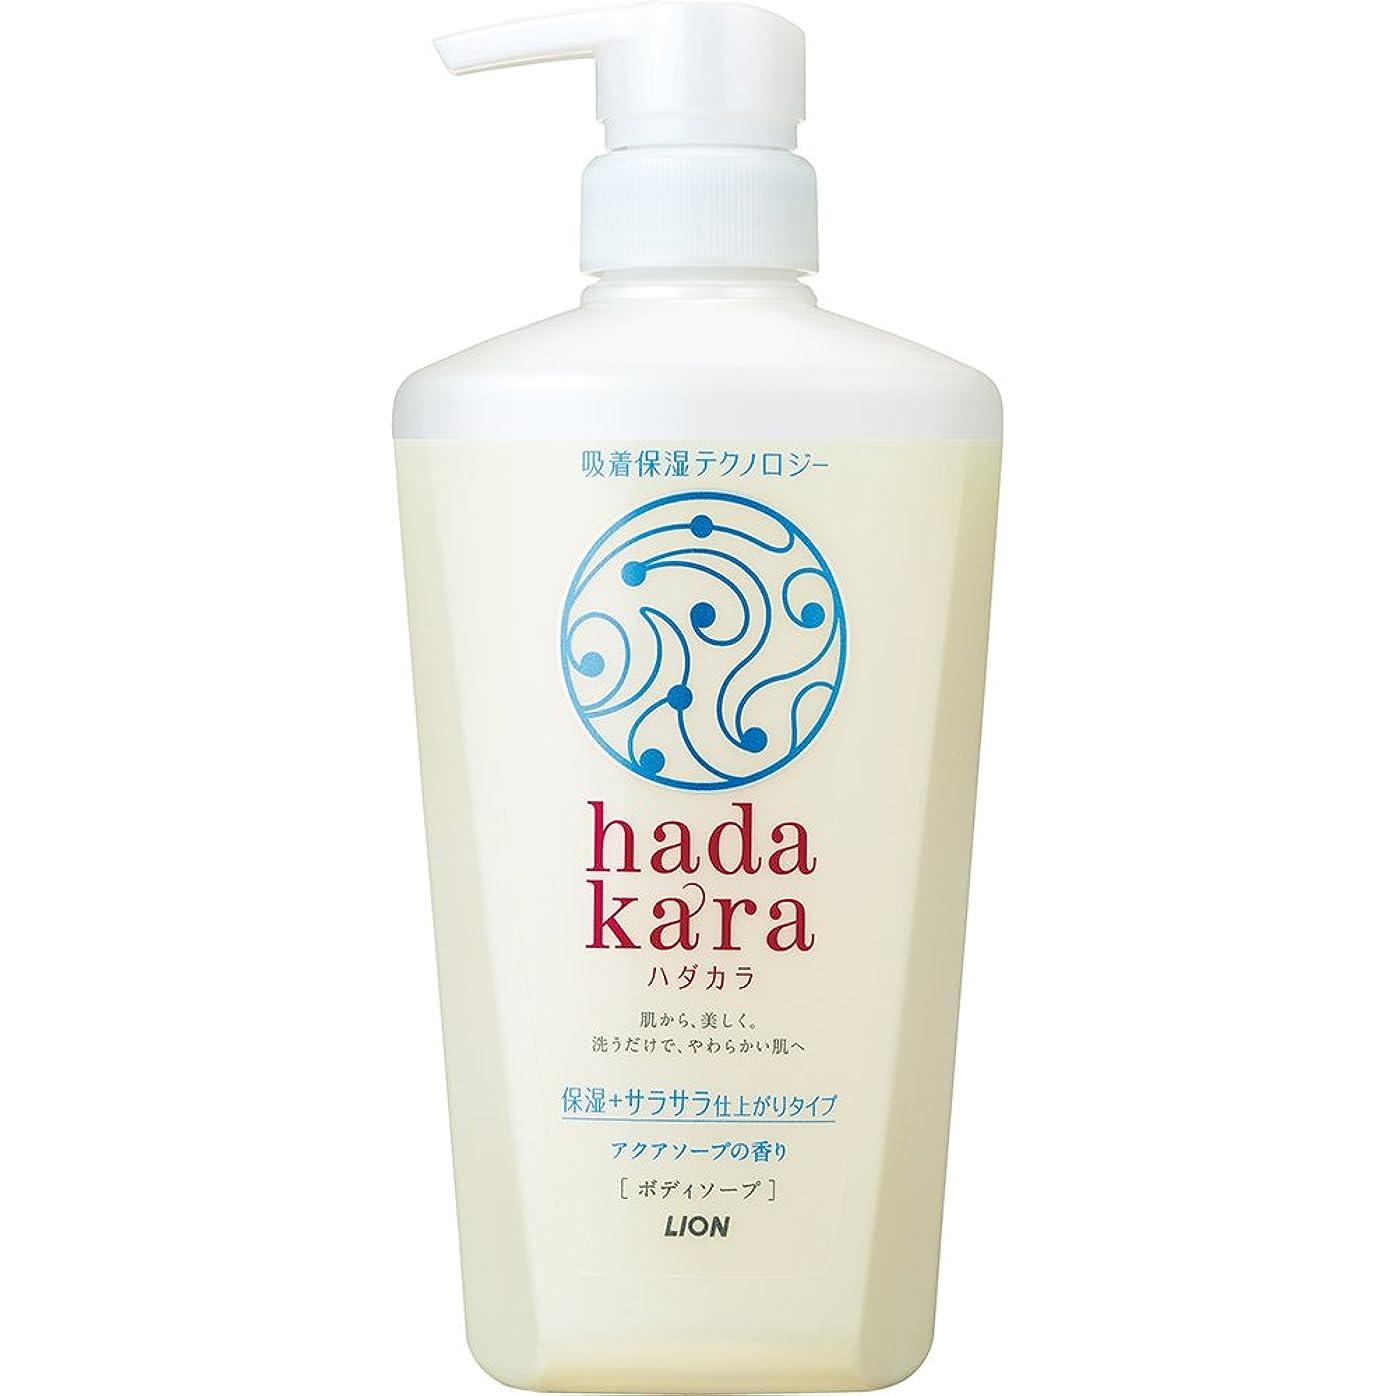 シンポジウム匹敵します帽子hadakara(ハダカラ) ボディソープ 保湿+サラサラ仕上がりタイプ アクアソープの香り 本体 480ml